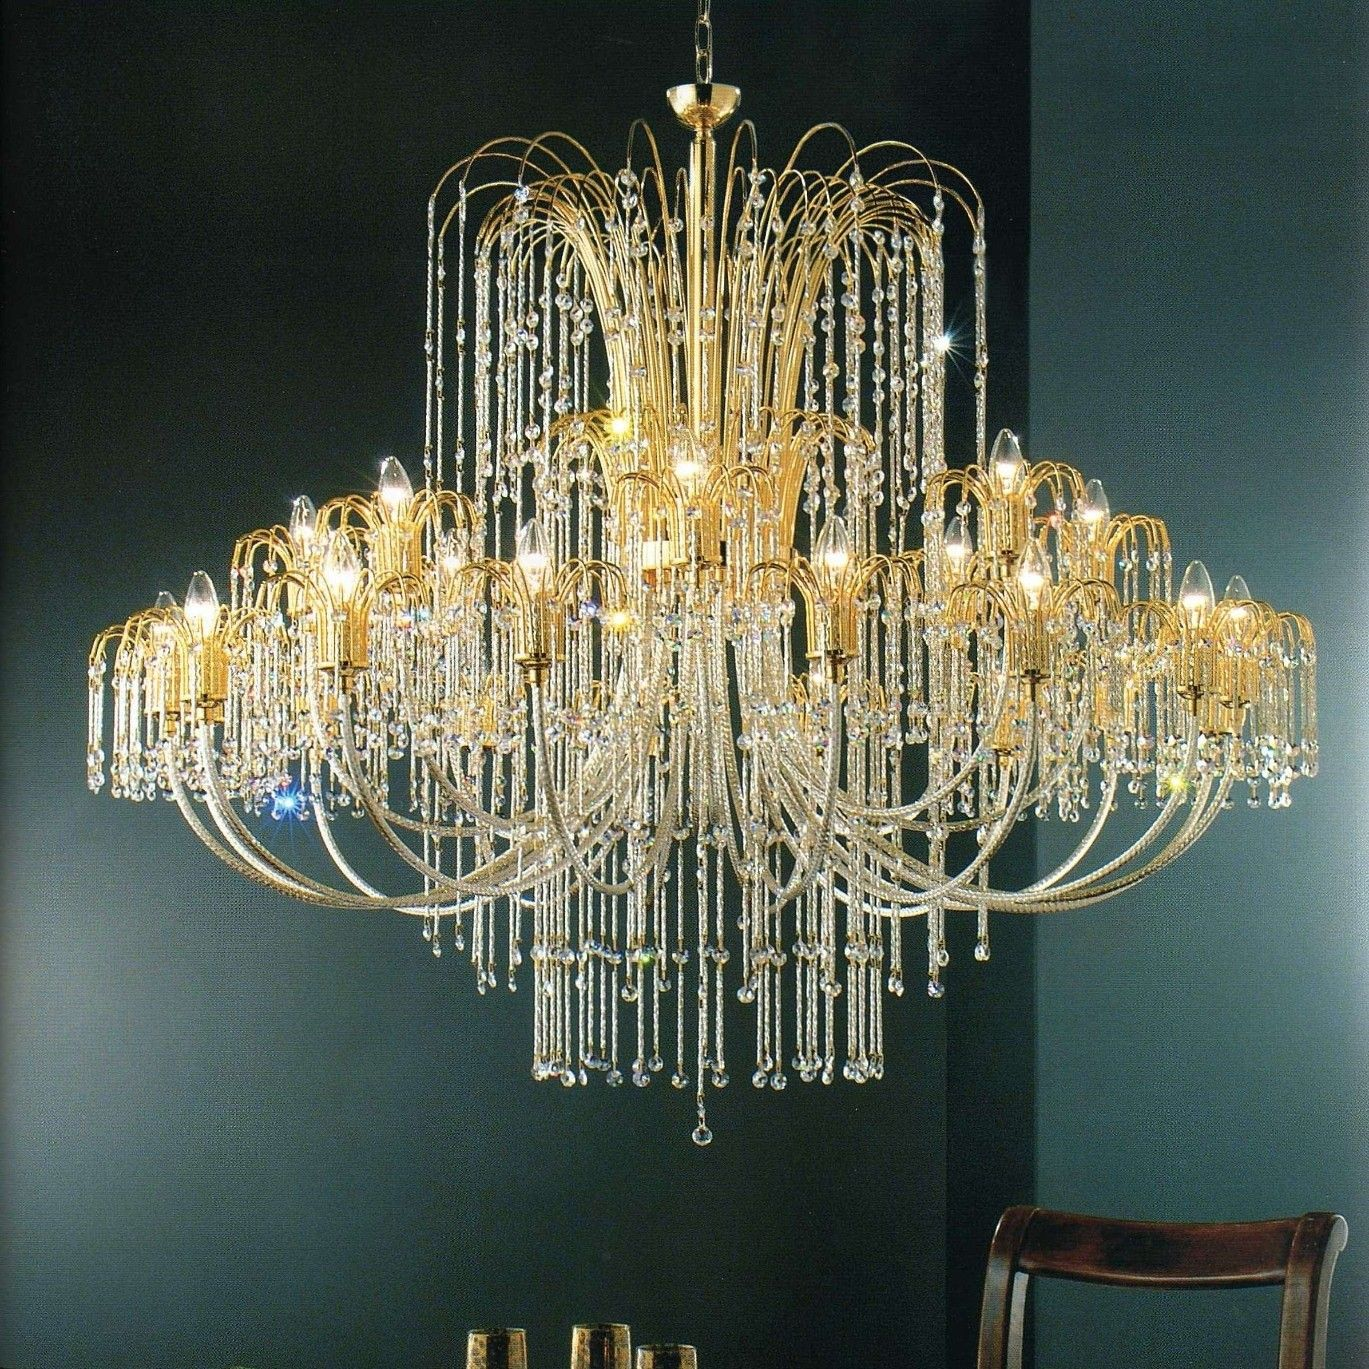 Fine lampadario 24 luci in metallo bagno oro 24Kt, bracci e ...